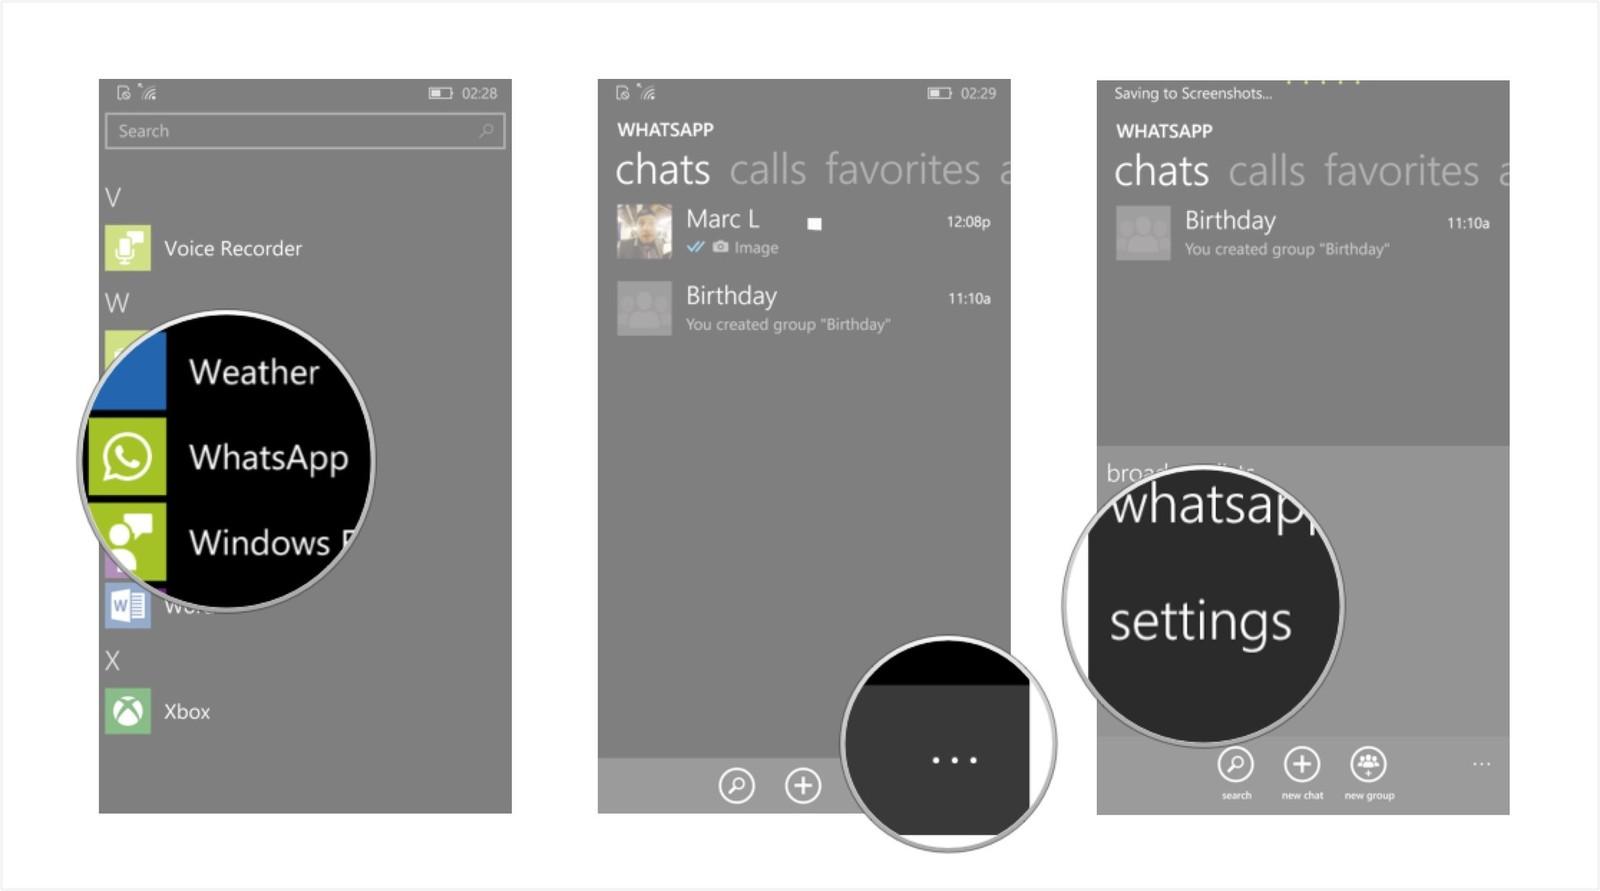 Как сделать резервную копию whatsapp в icloud